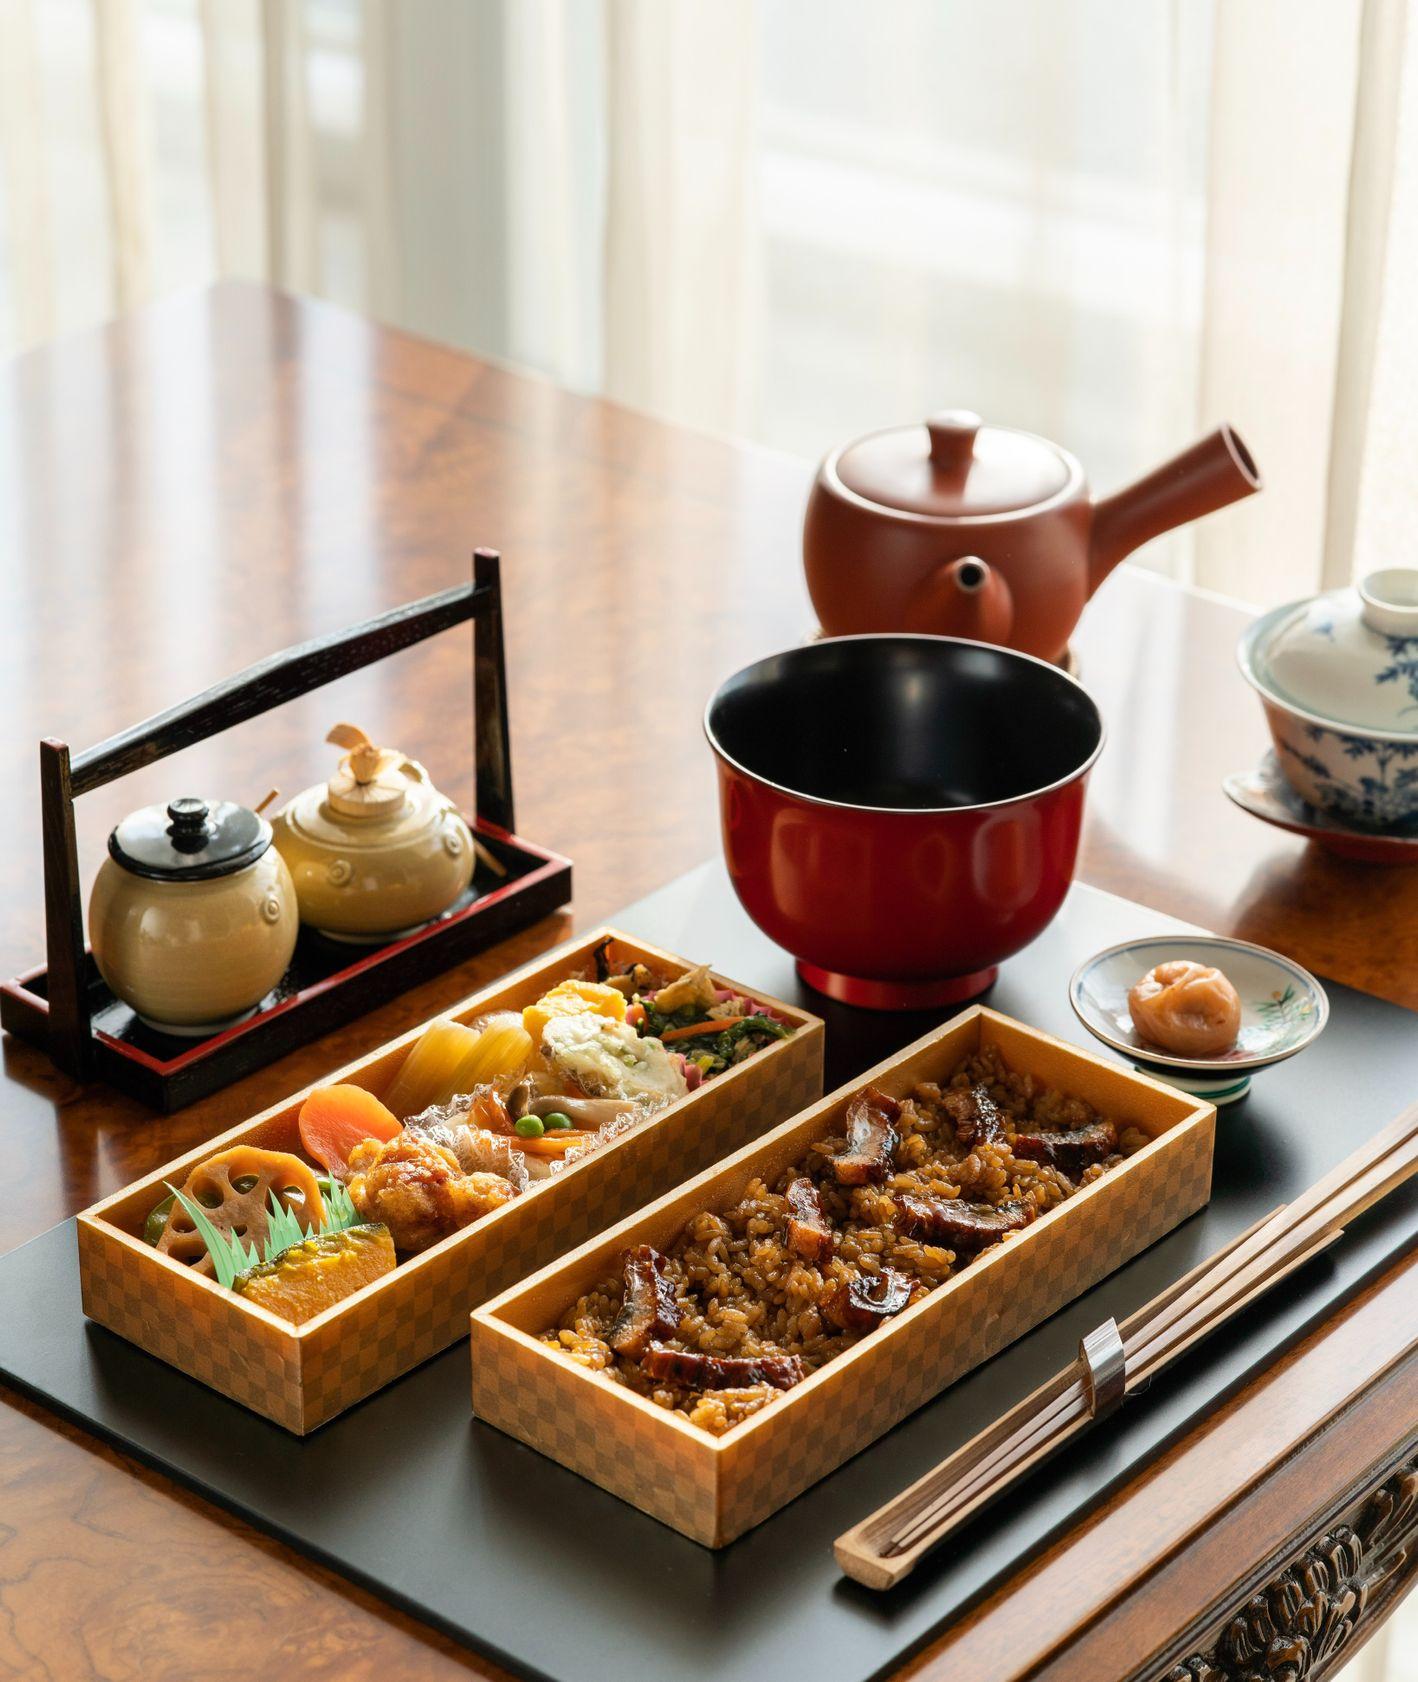 Ryż, grzyby, zielona herbata i warzywa – obiad zgodny z zasadami shoku-iku (fot. Richard Iwaki / unsplash.com)